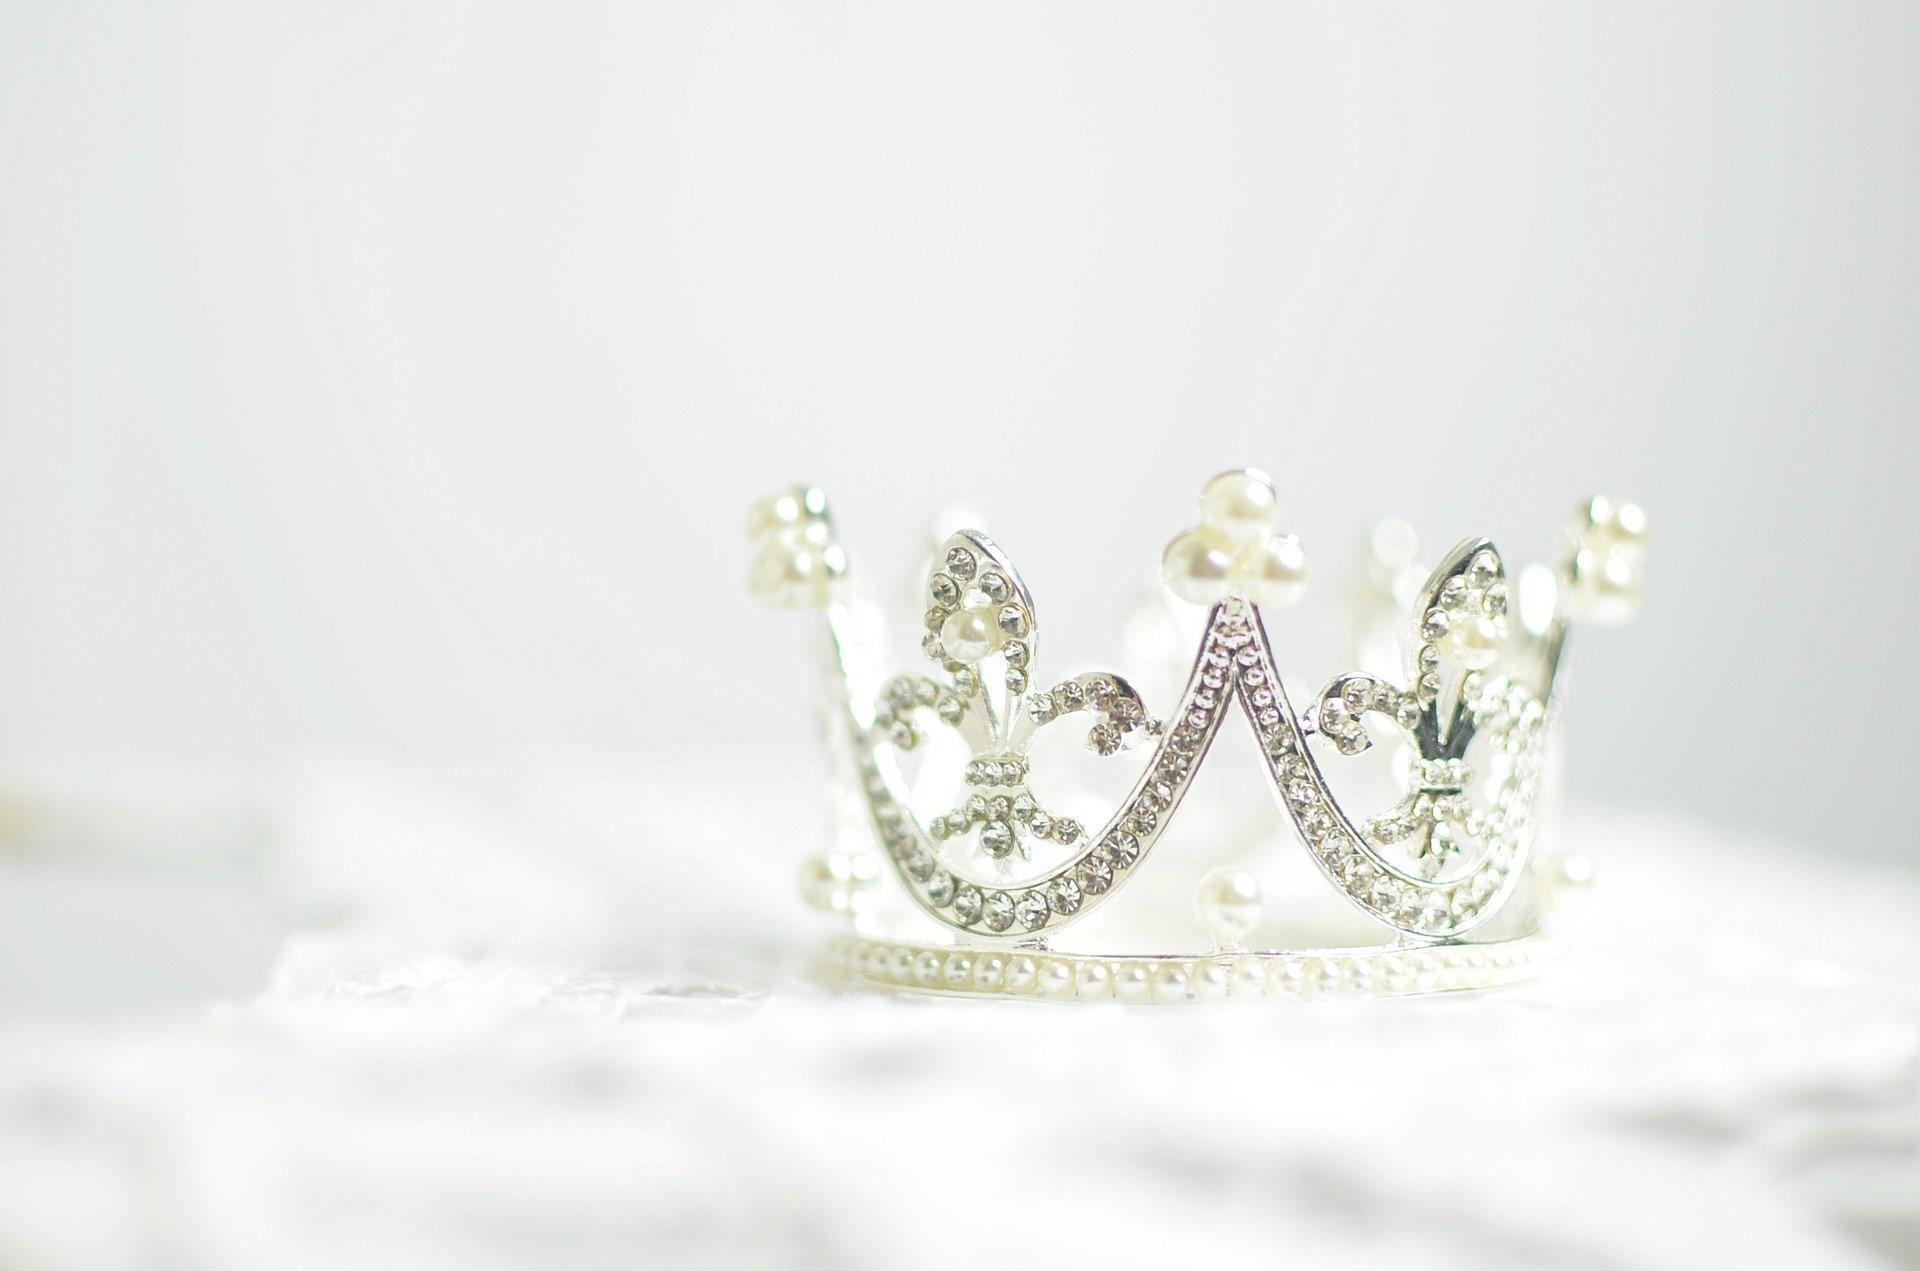 ダイヤモンドを使った王冠